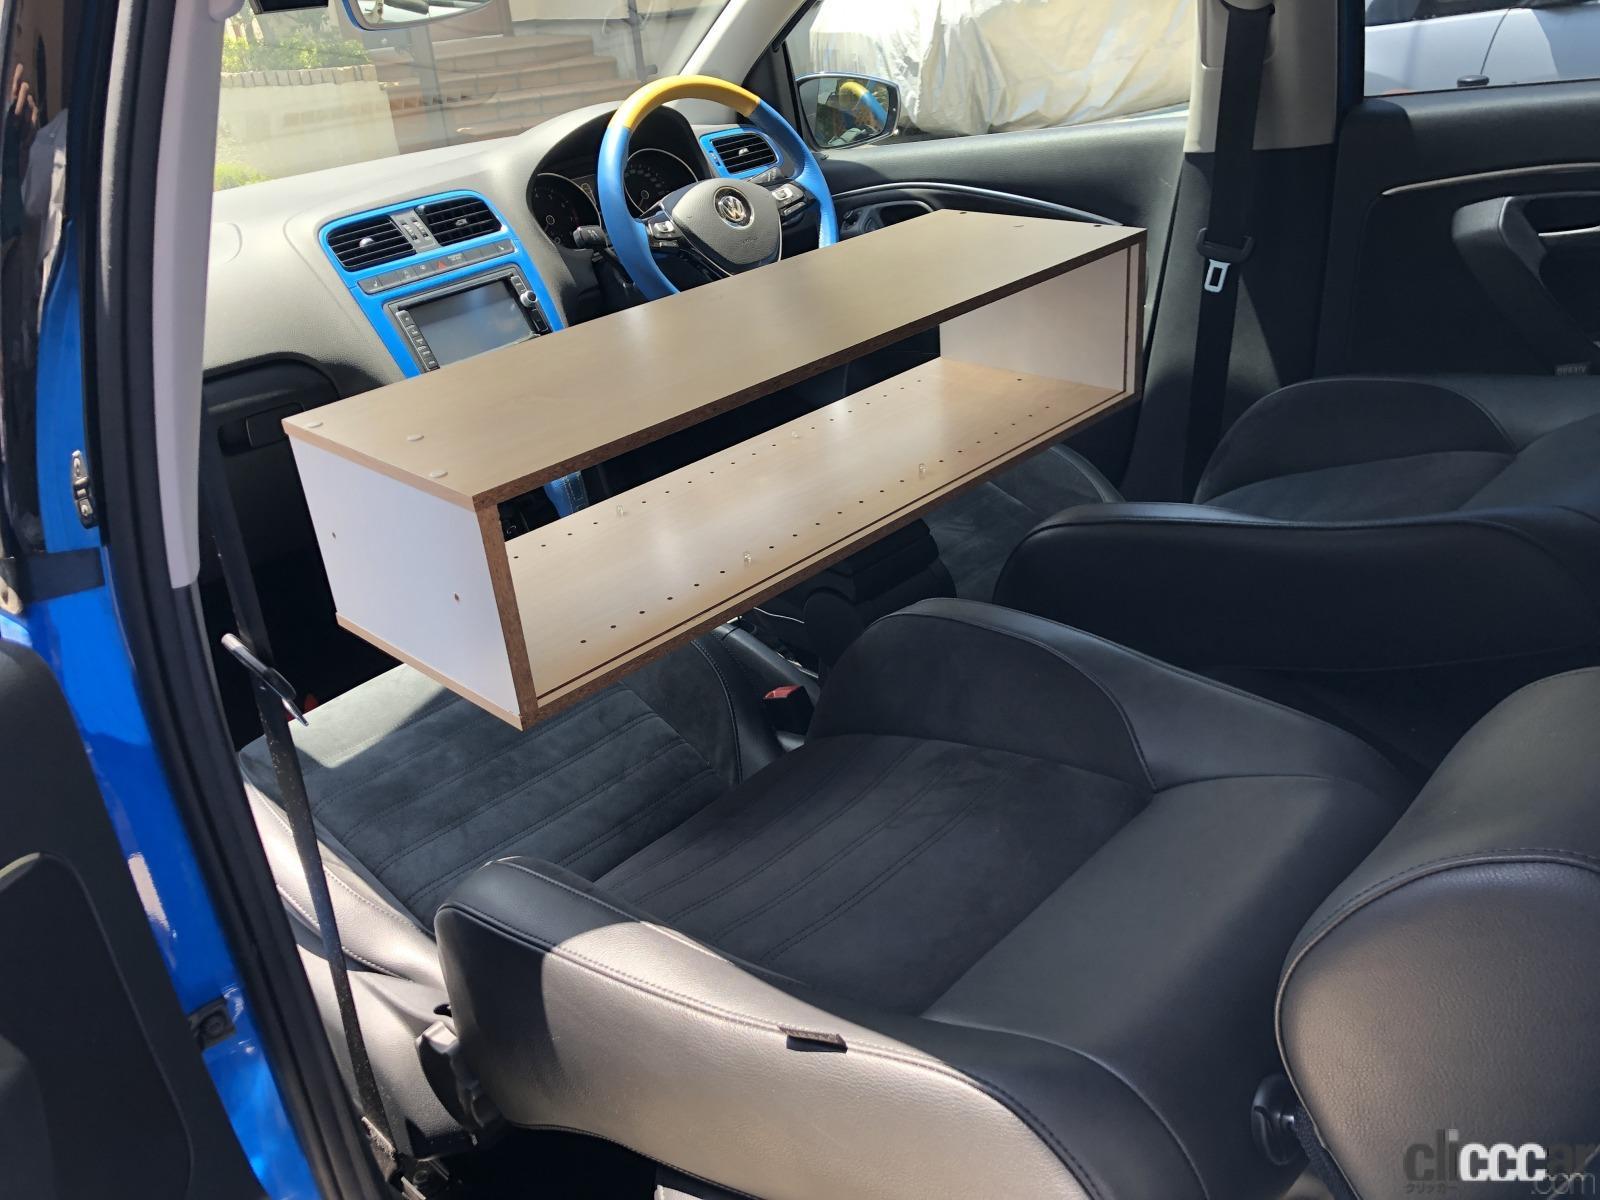 「灼熱の炎天下のクルマで、車内を家具DIYに活用してみたら意外とうまくいった!」の6枚目の画像